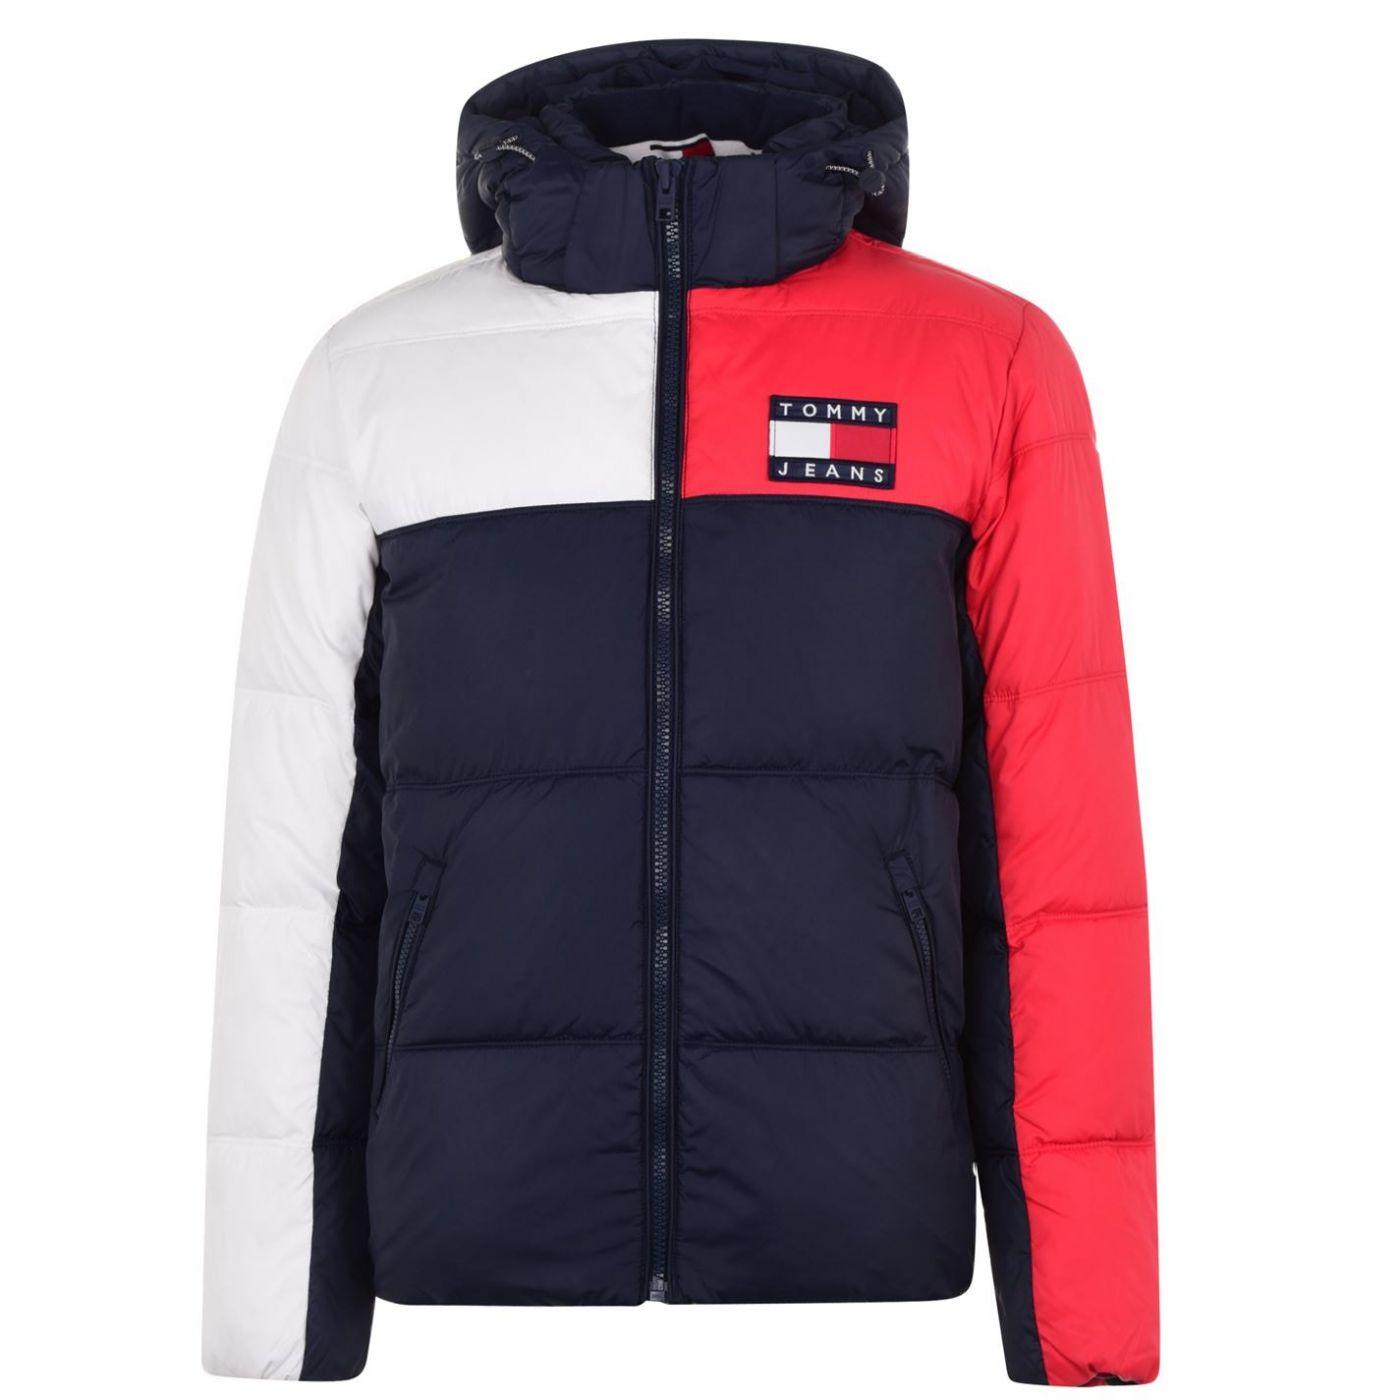 Tommy Jeans Colour Block Jacket